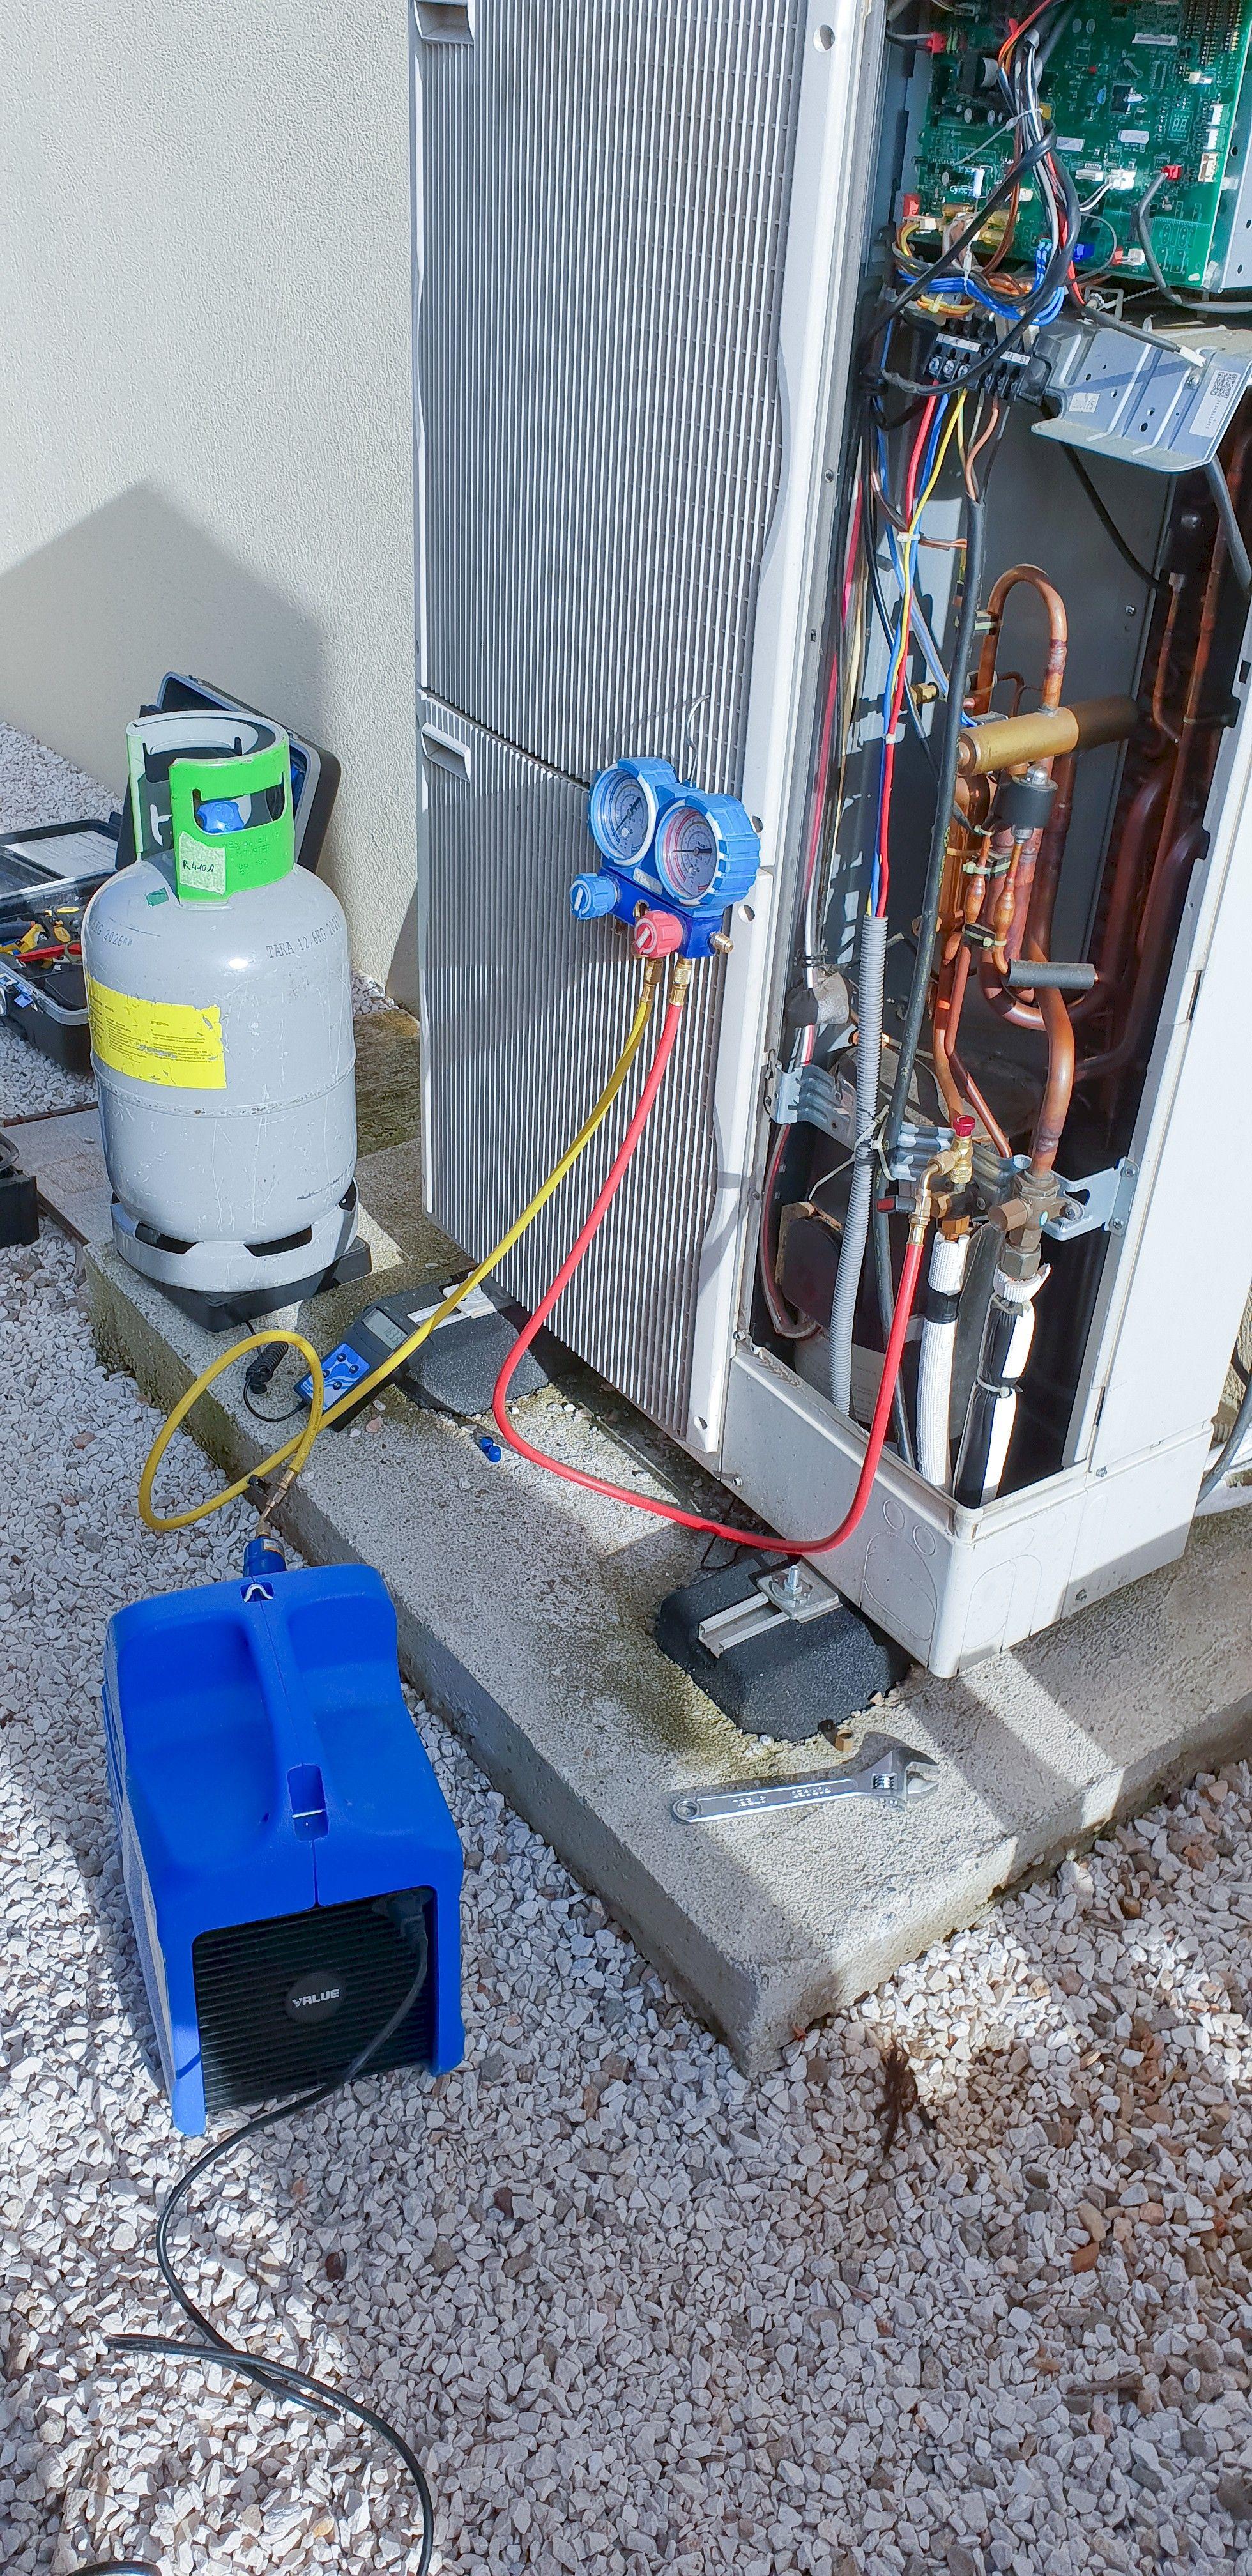 Epingle Sur Climatisation Chauffage Pompe A Chaleur A Aix En